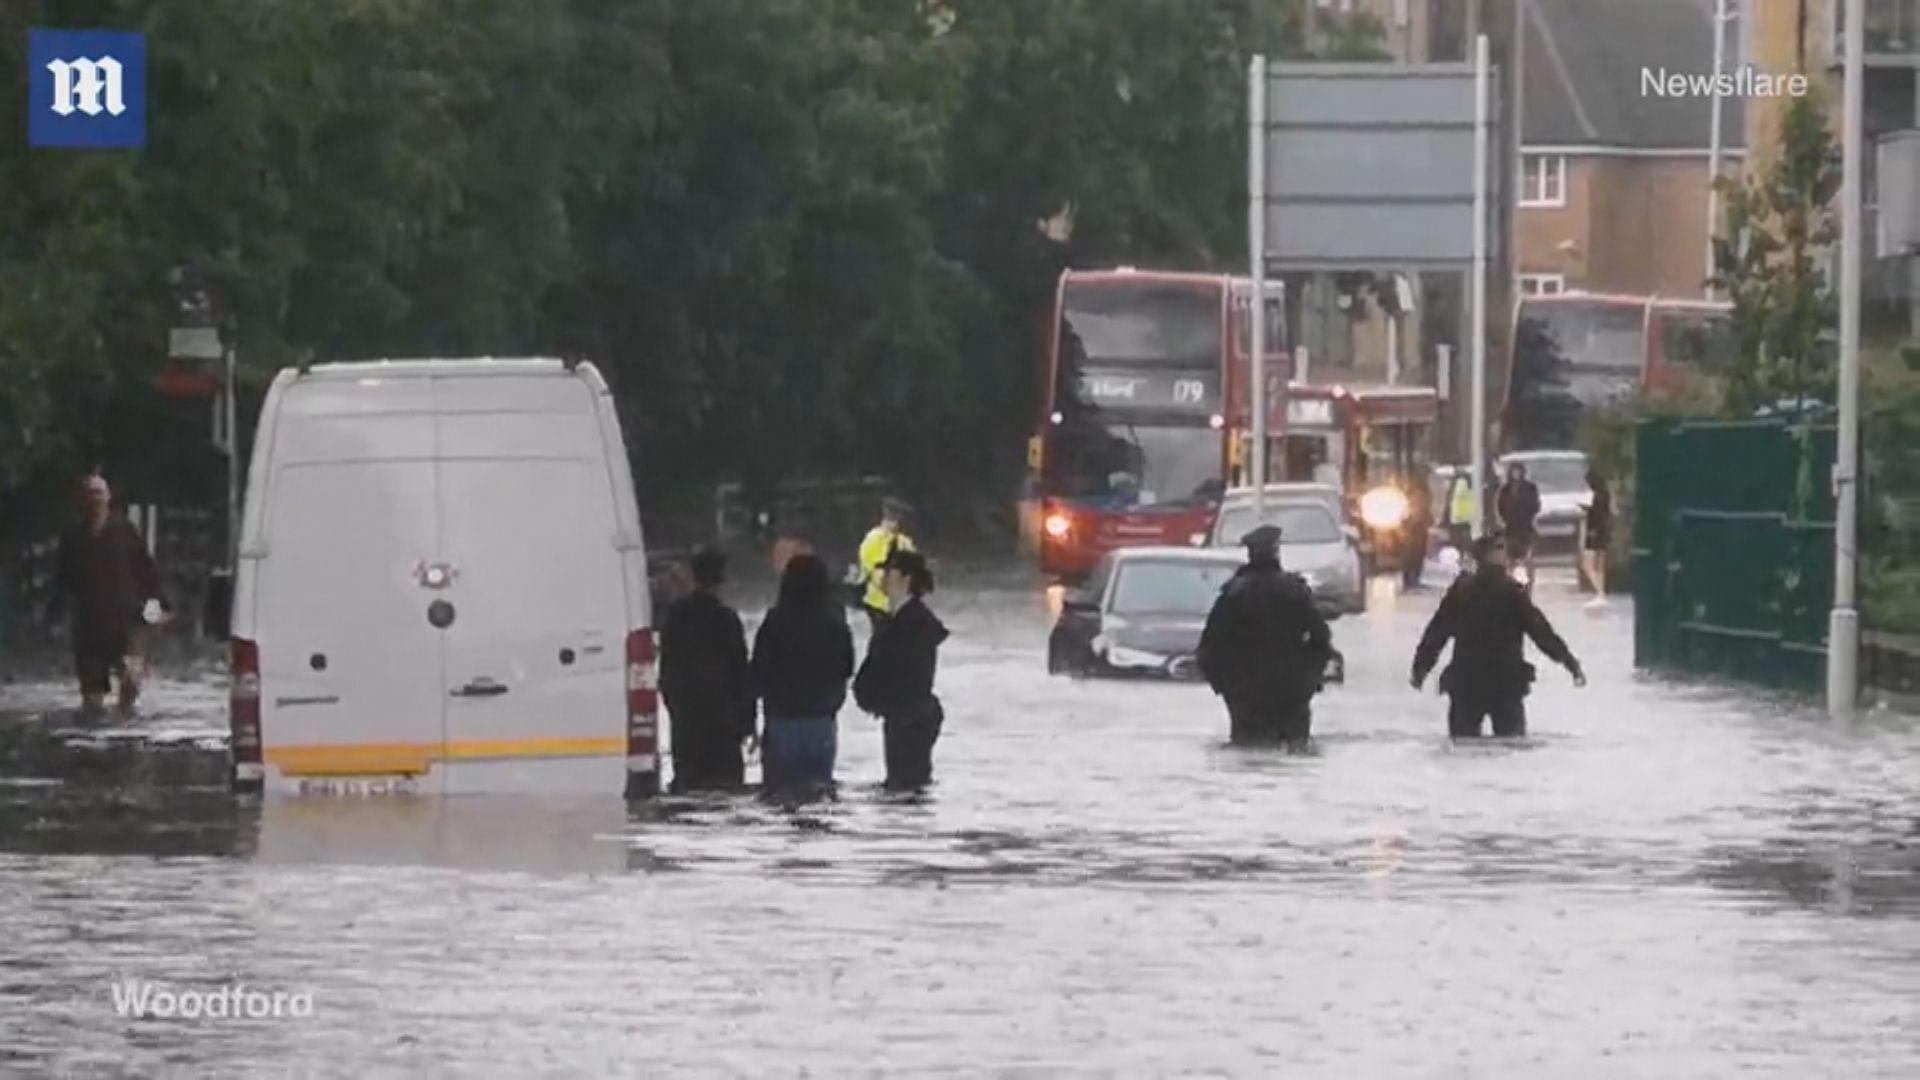 英國倫敦暴雨成災公共交通大受影響